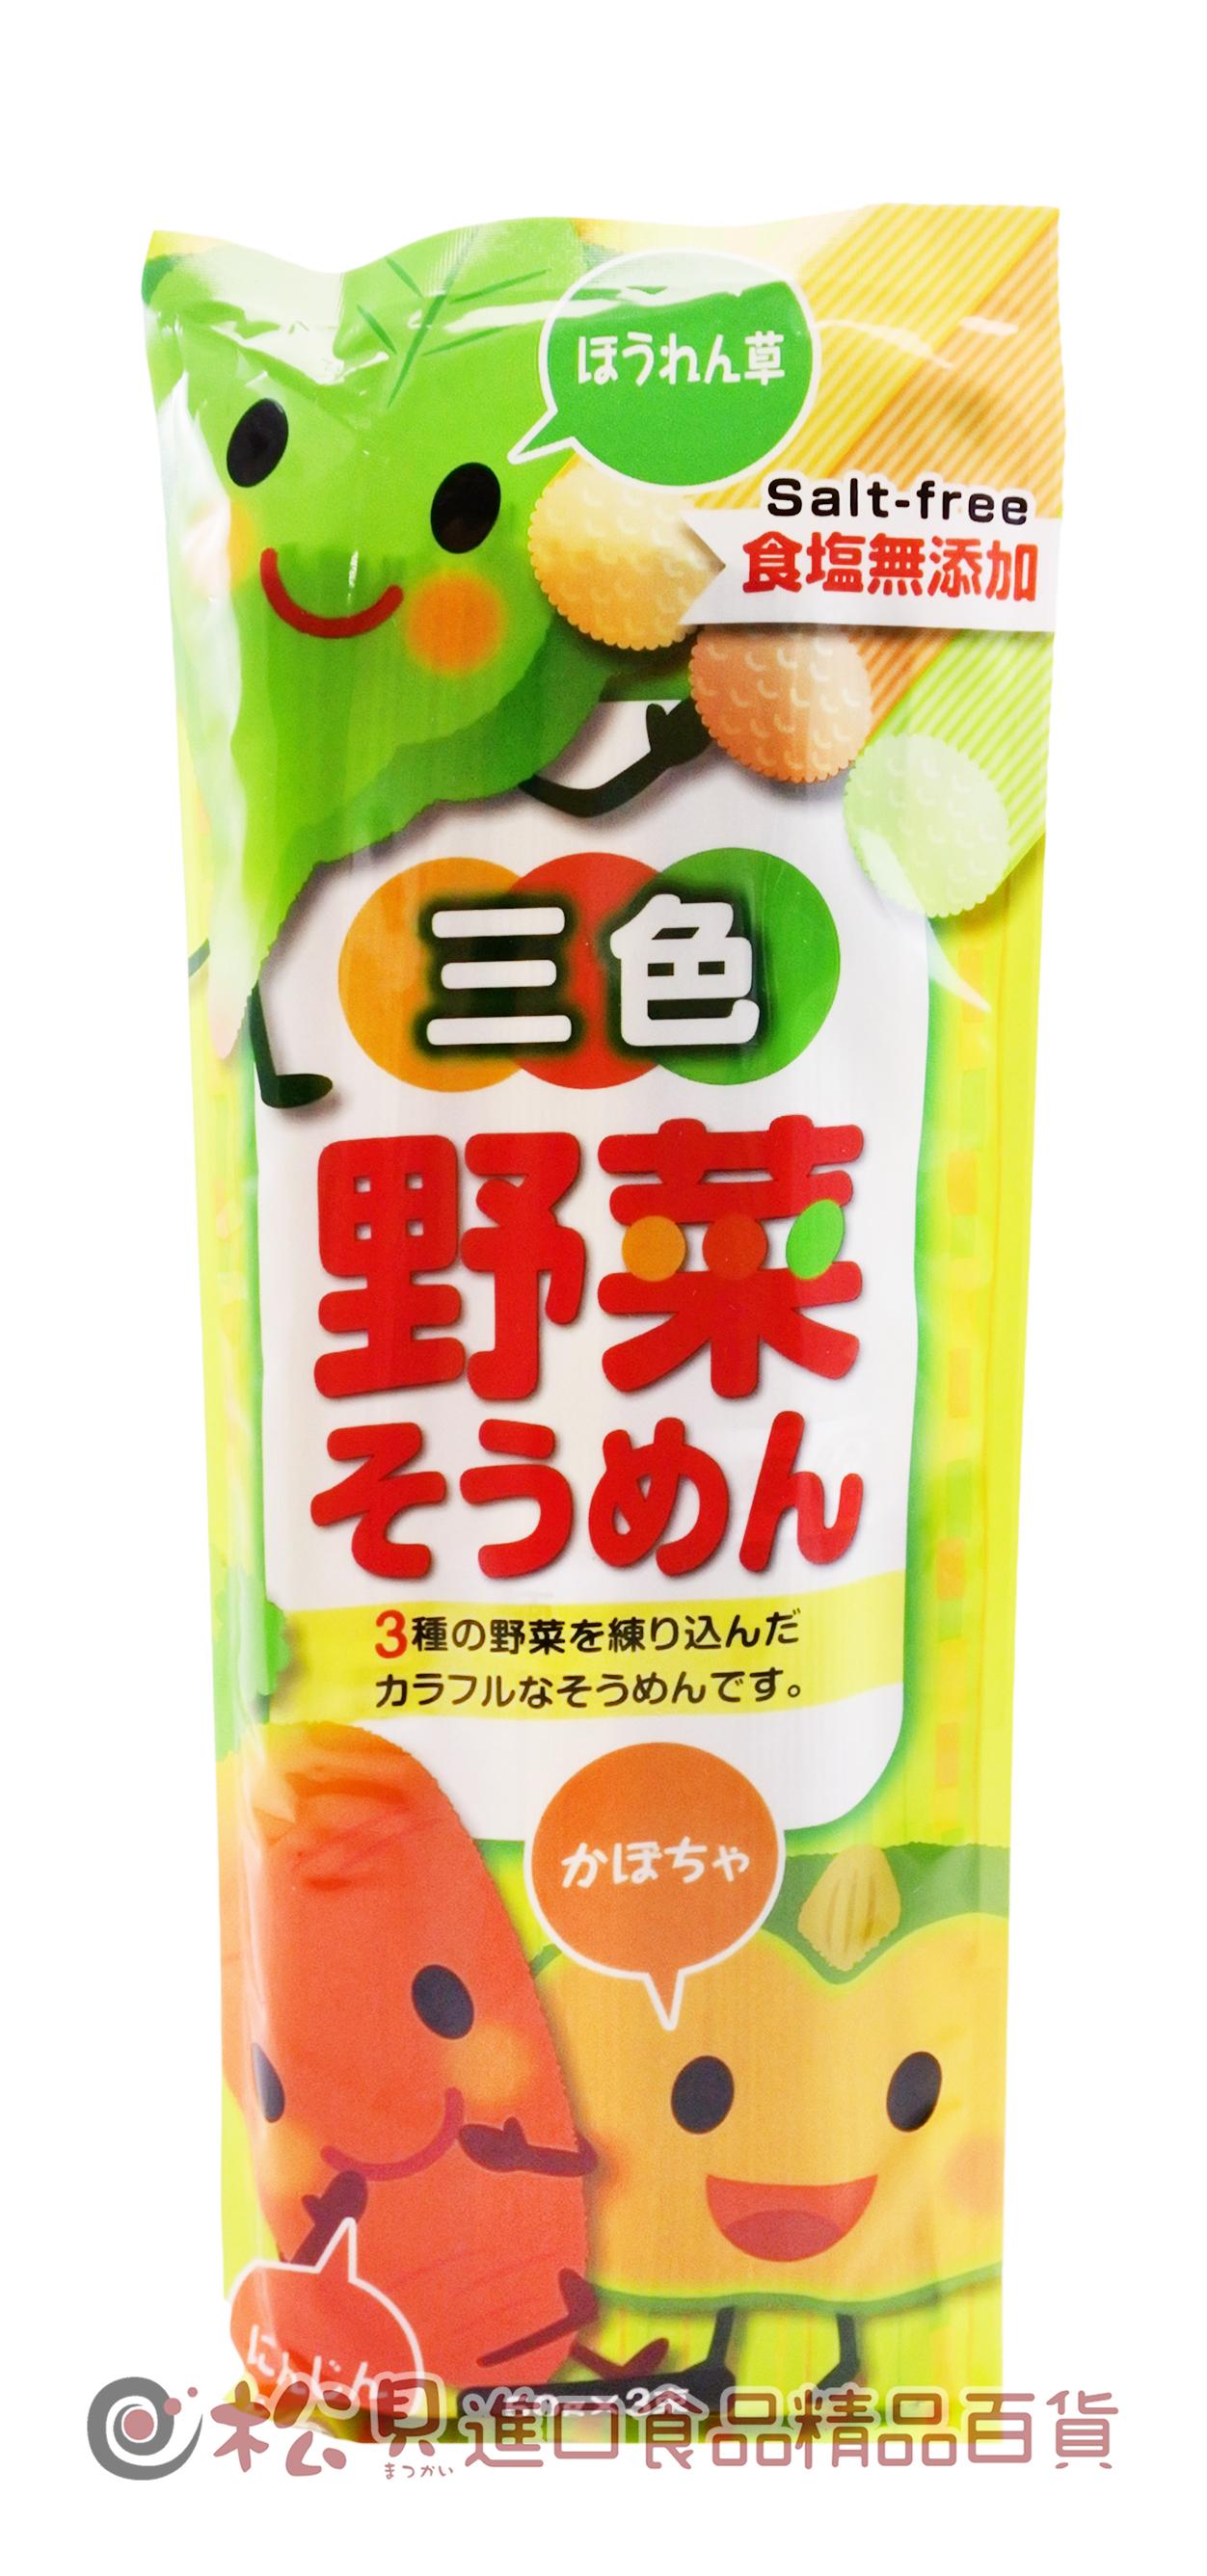 無鹽三色野菜細麵150g【4560159441759】.jpg